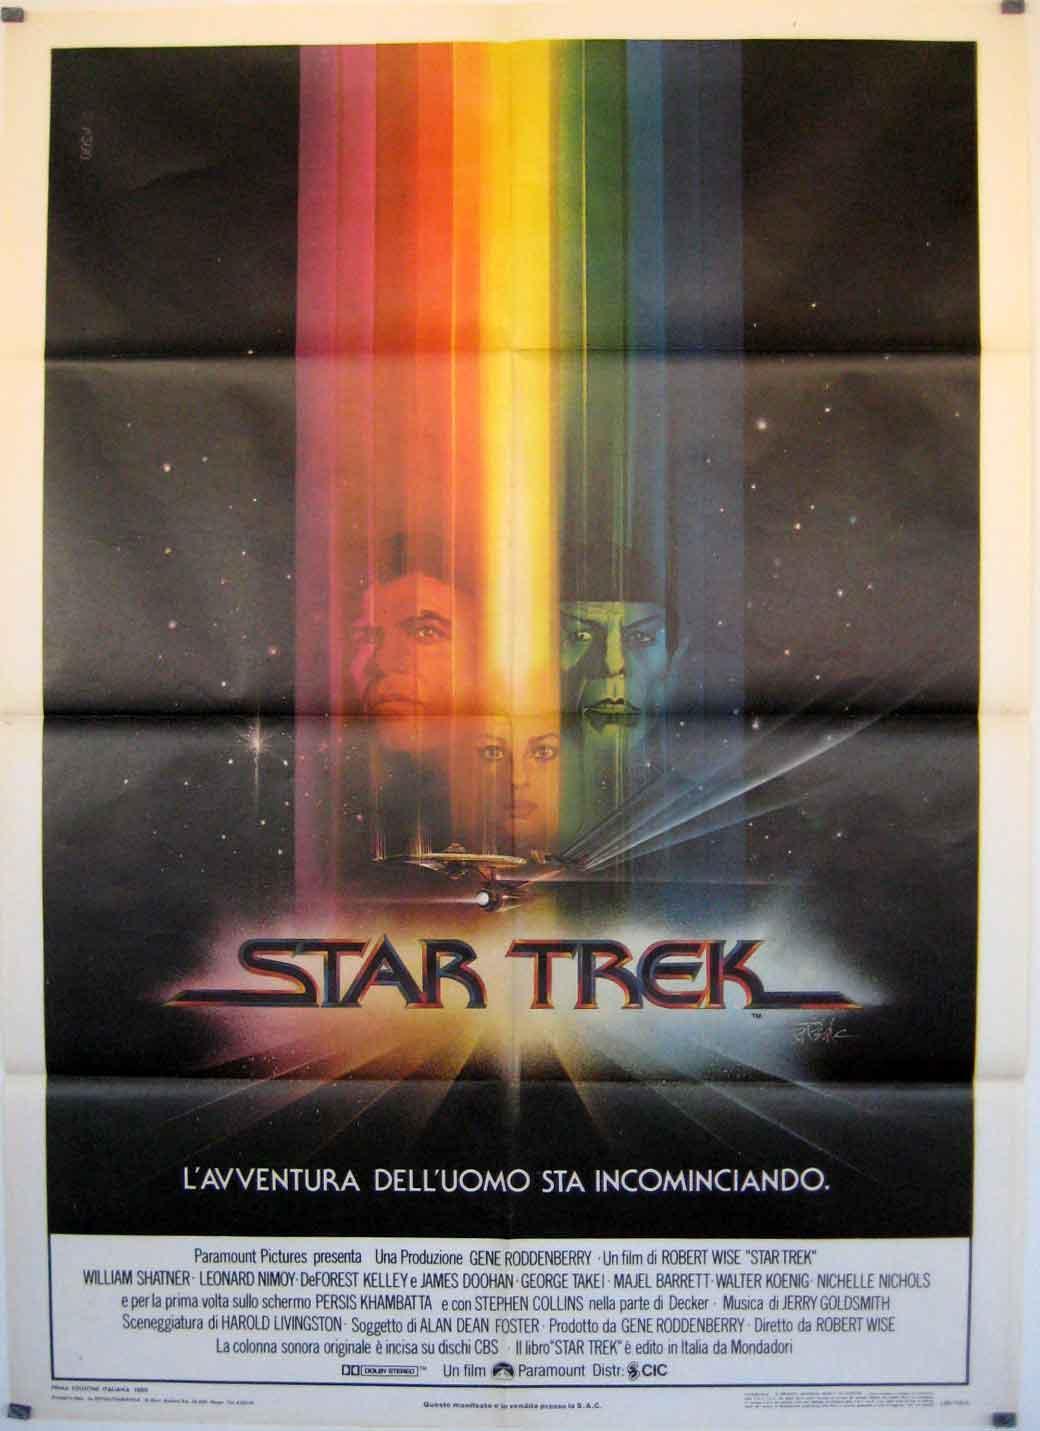 STAR TREK: THE MOTION PICTURE MOVIE POSTER/STAR TREK,/POSTER